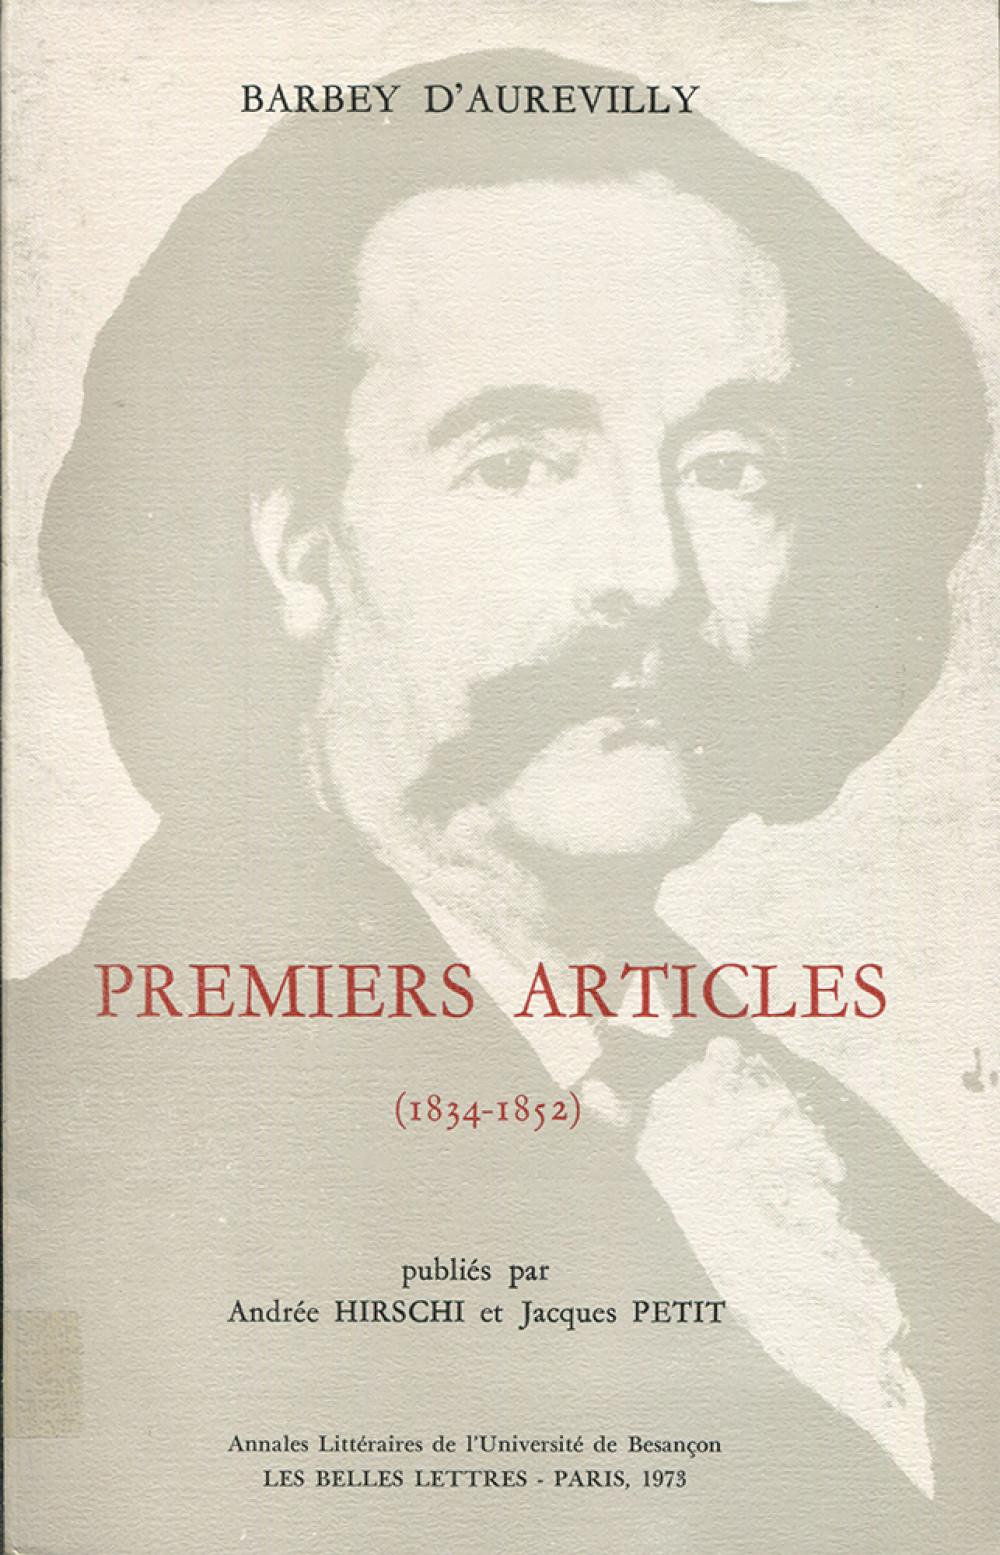 Barbey d'Aurevilly. Premiers articles (1834-1852)